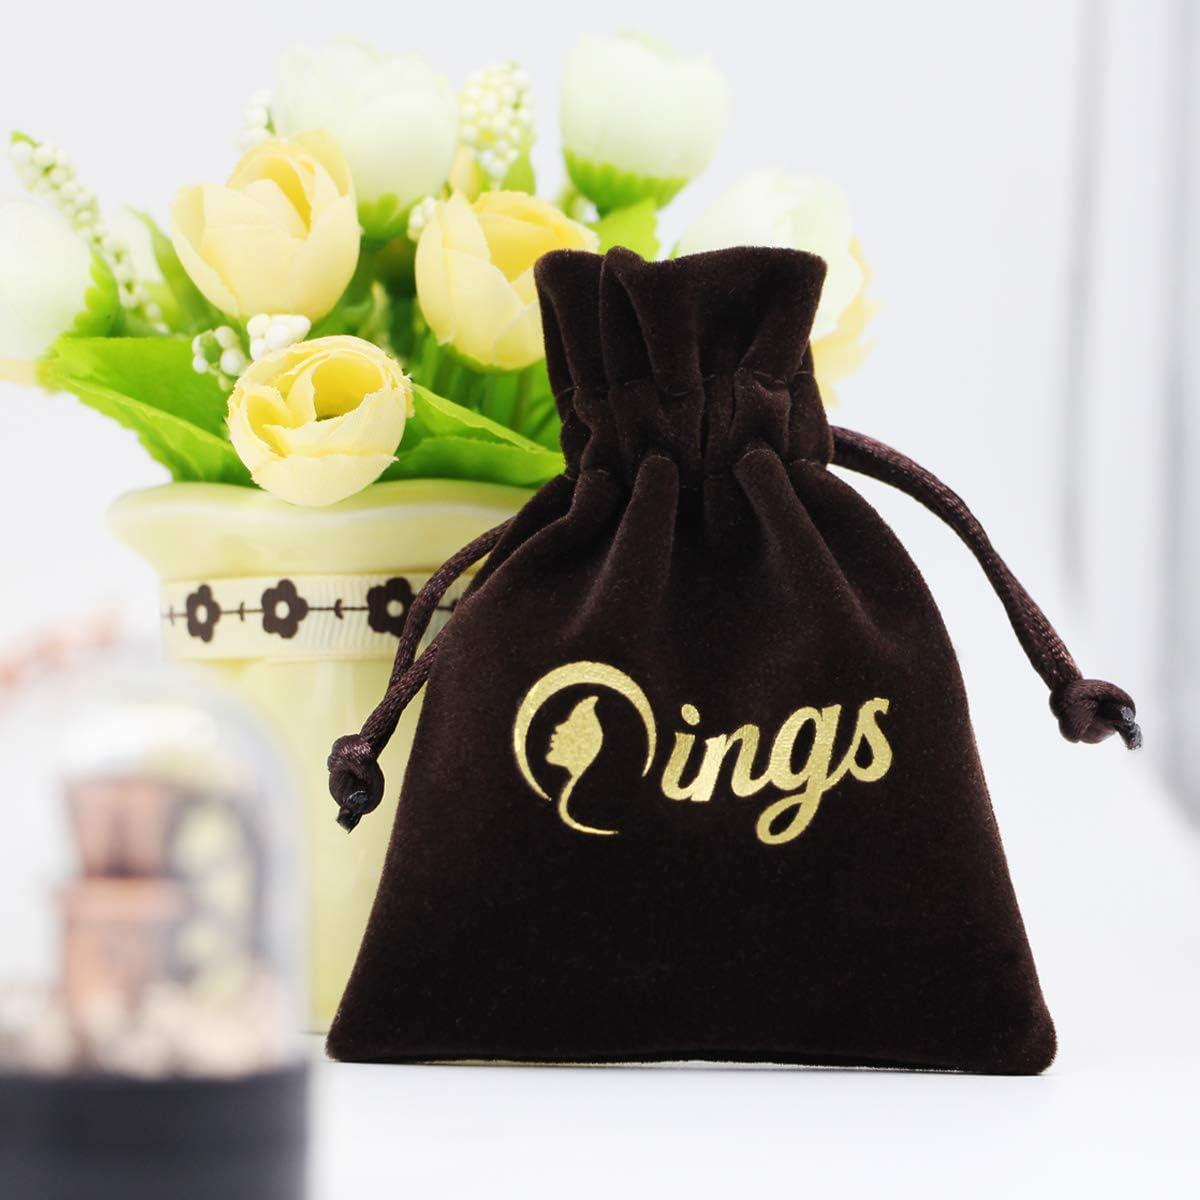 Qings Bague Couronne en Argent Sterling 925 Or Rose avec Zircon Cubique pour Femmes